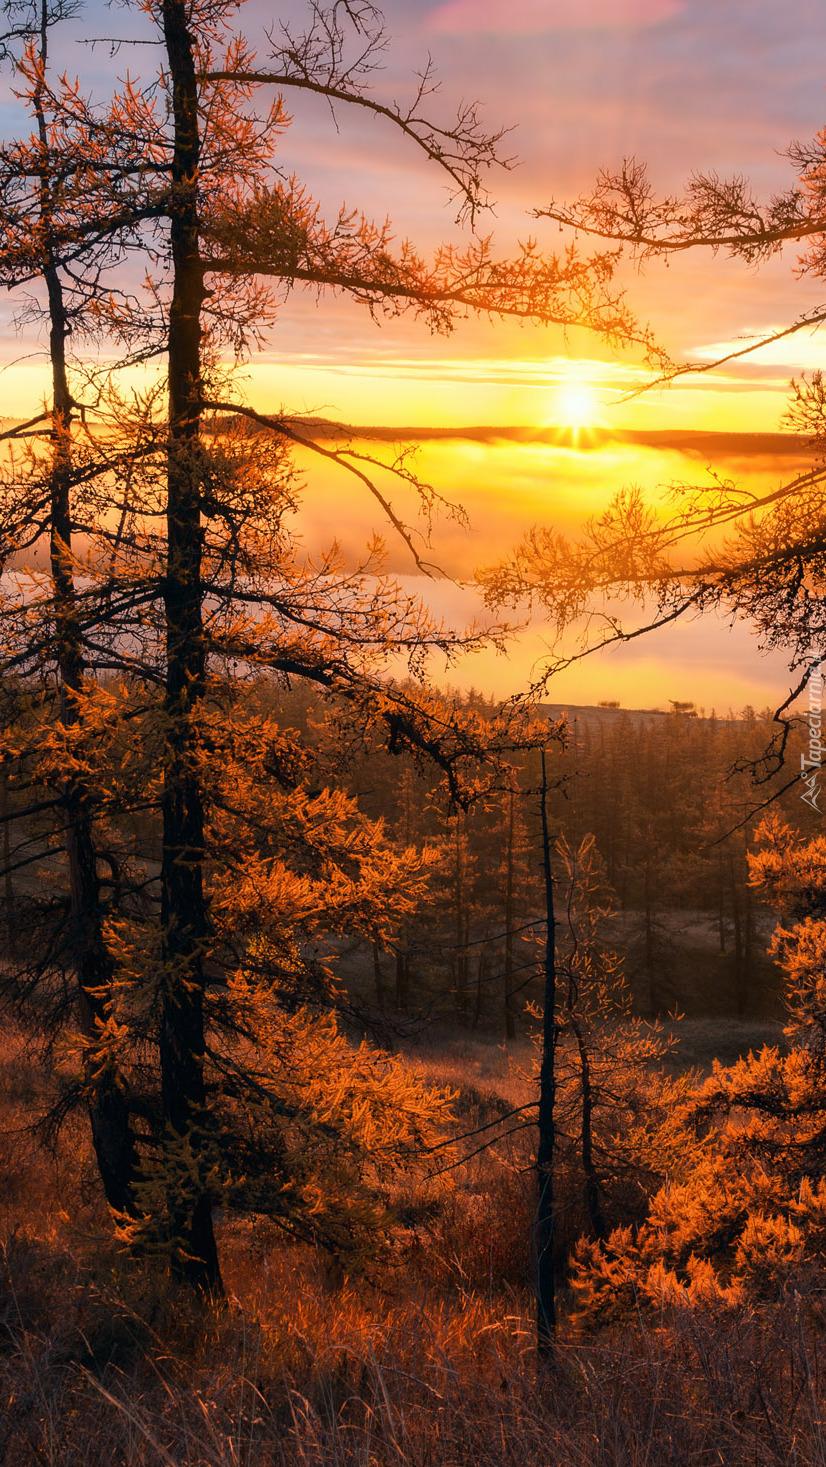 Drzewa rozświetlone słońcem